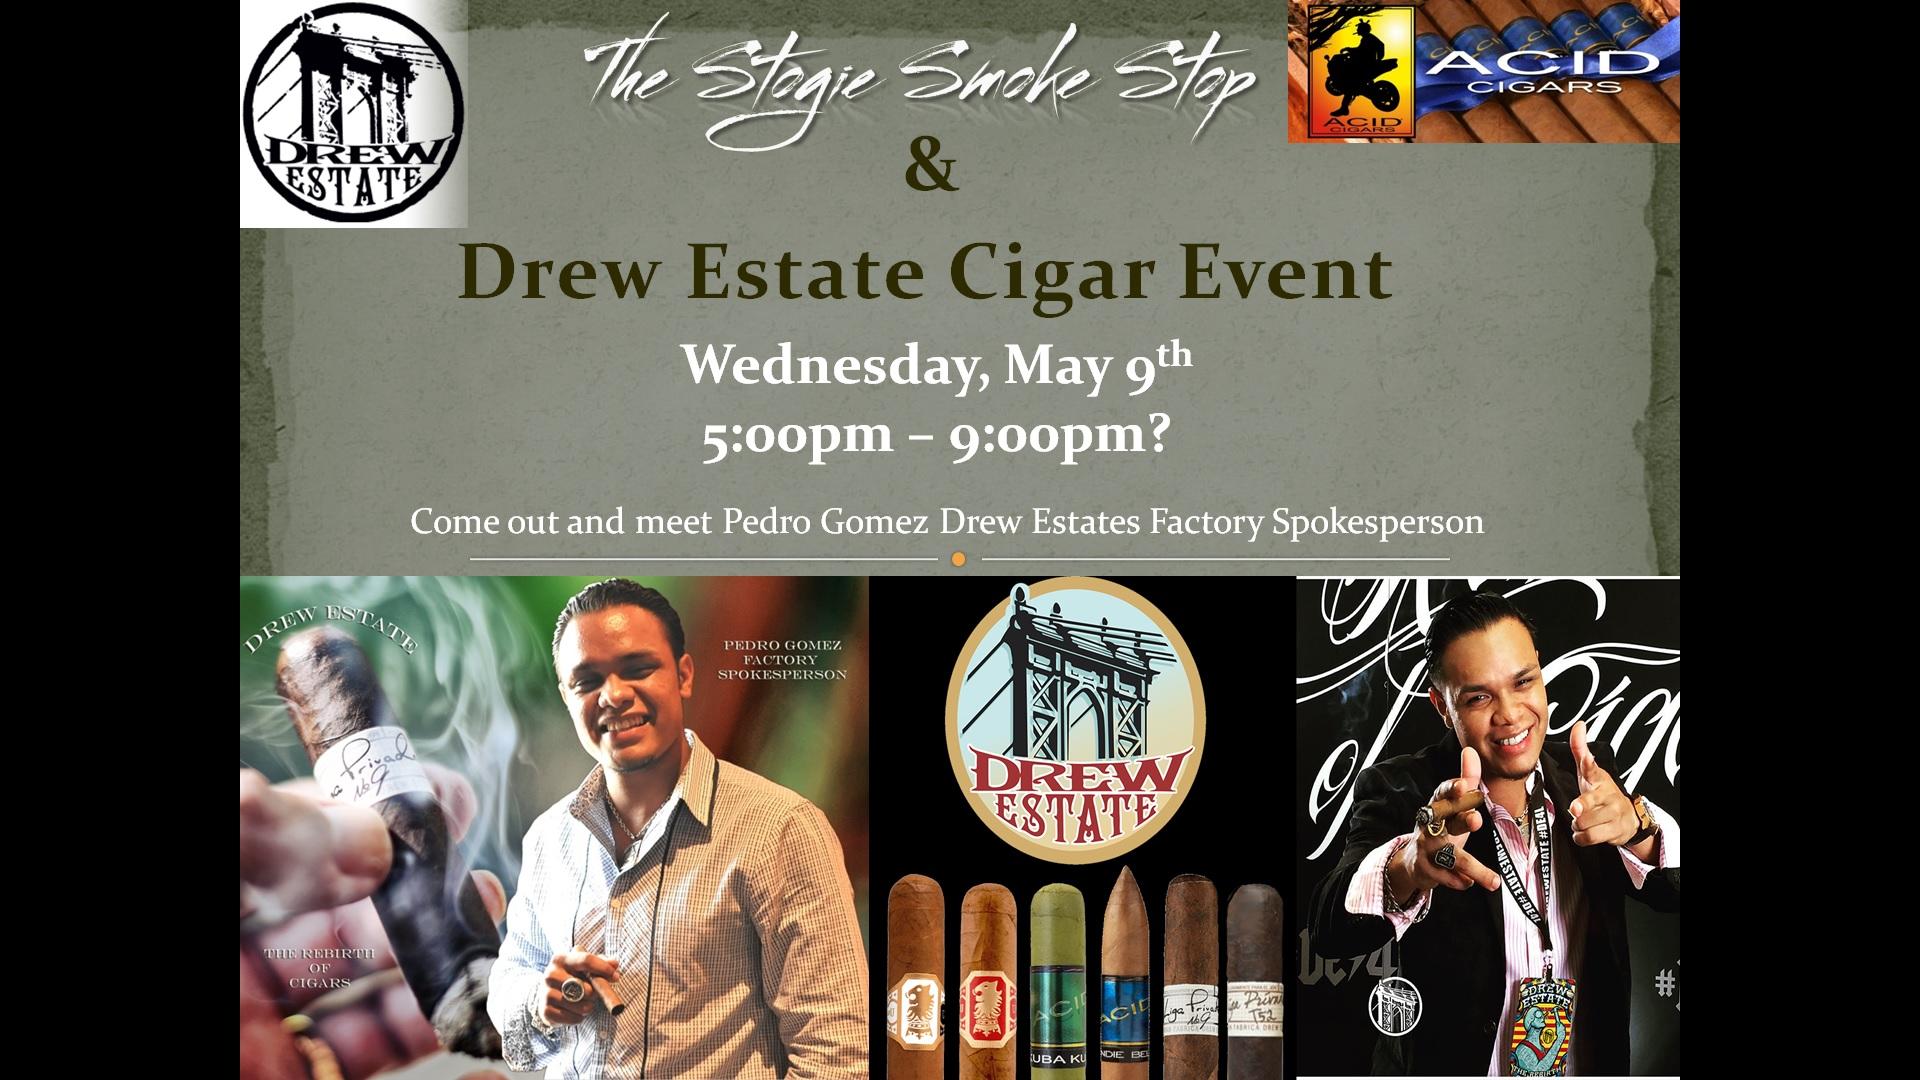 Drew Estate Cigar Event w/ Pedro Gomez, Factory Spokesperson